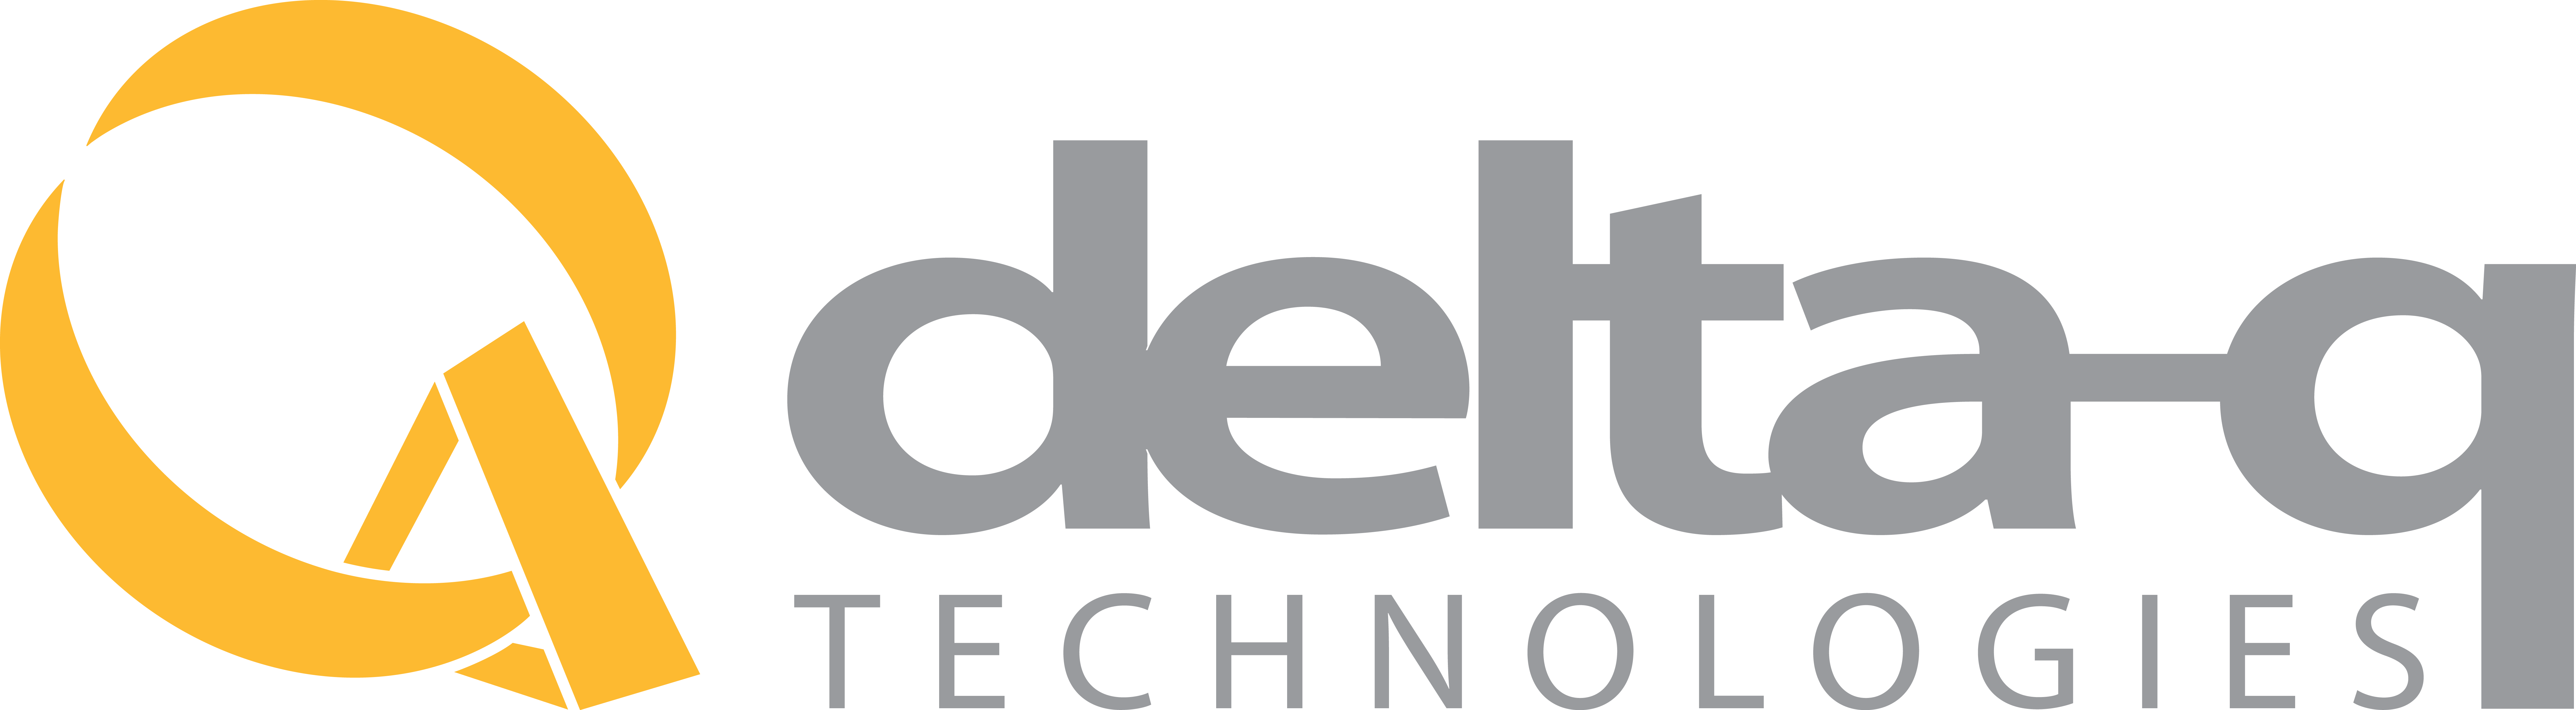 support.delta-q.com